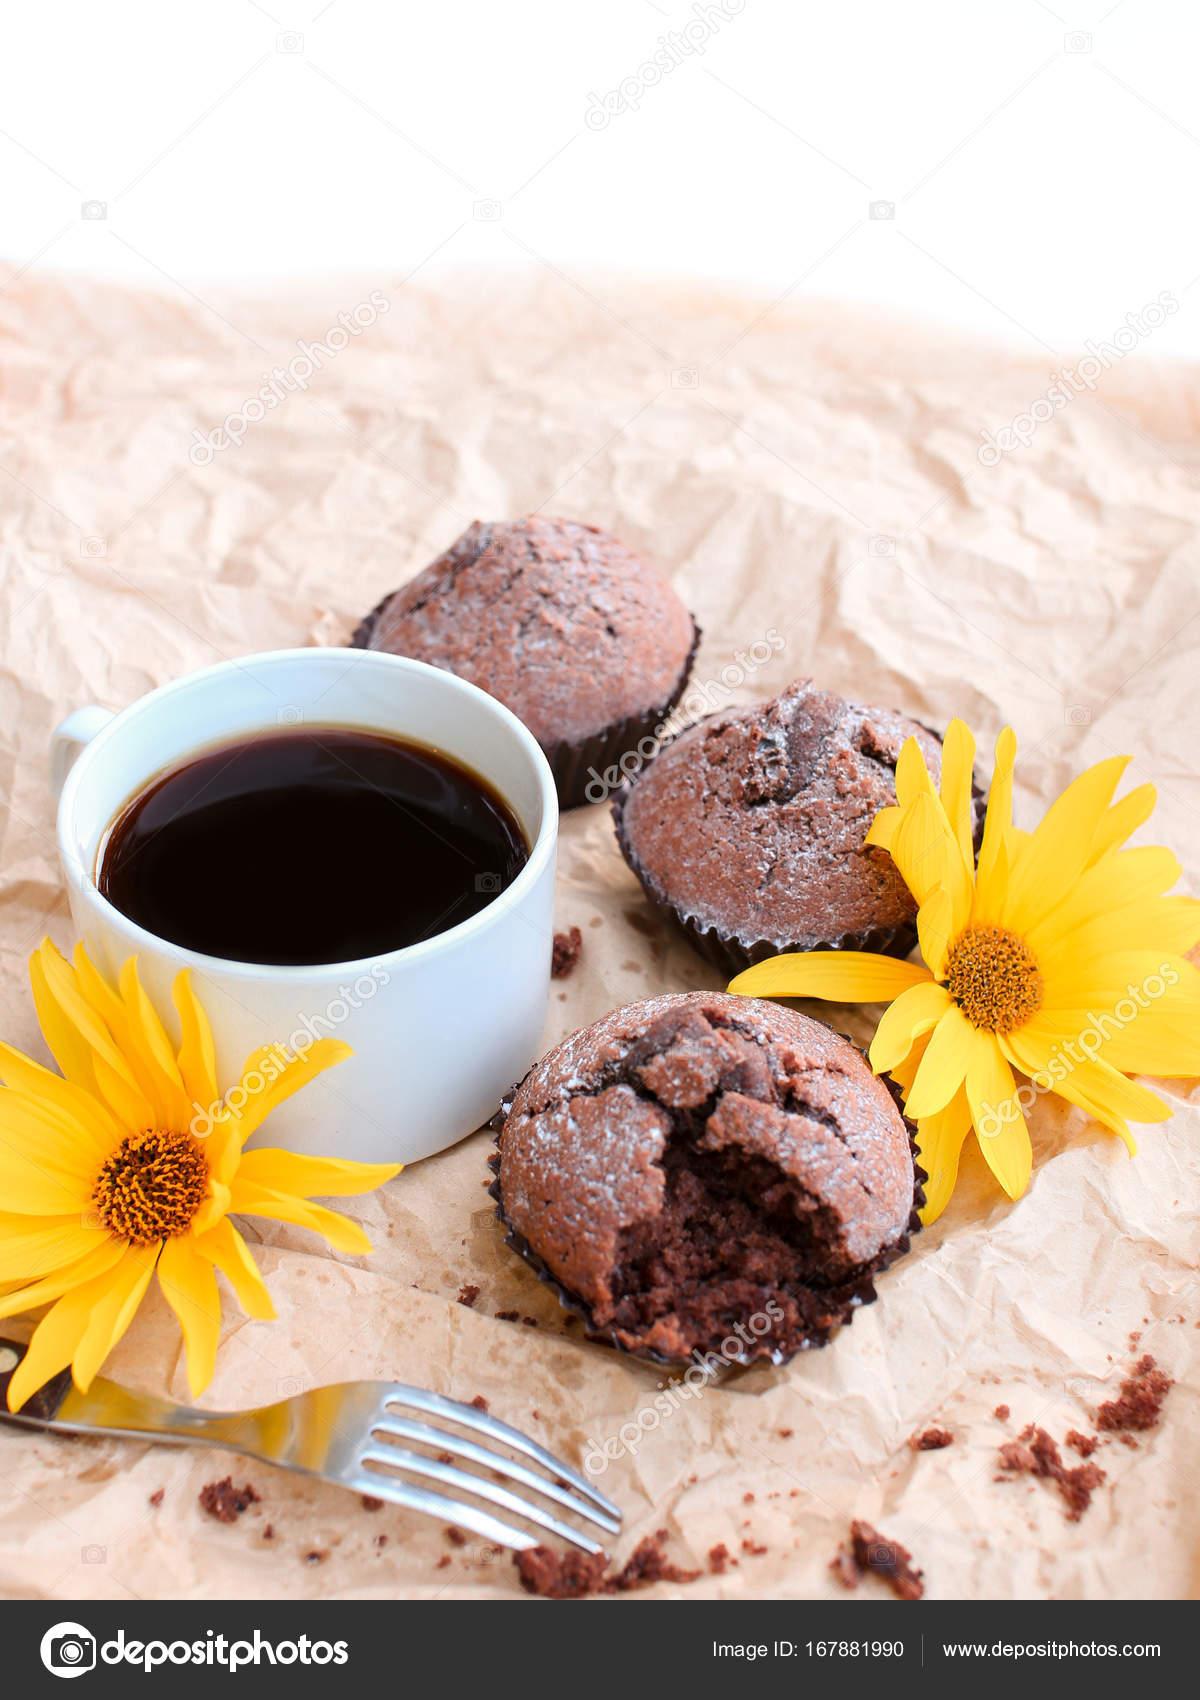 Cool Guten Morgen Frühstück Referenz Von Einen Wunderschönen Frühstück Auf Einem Hellen Hintergrund.